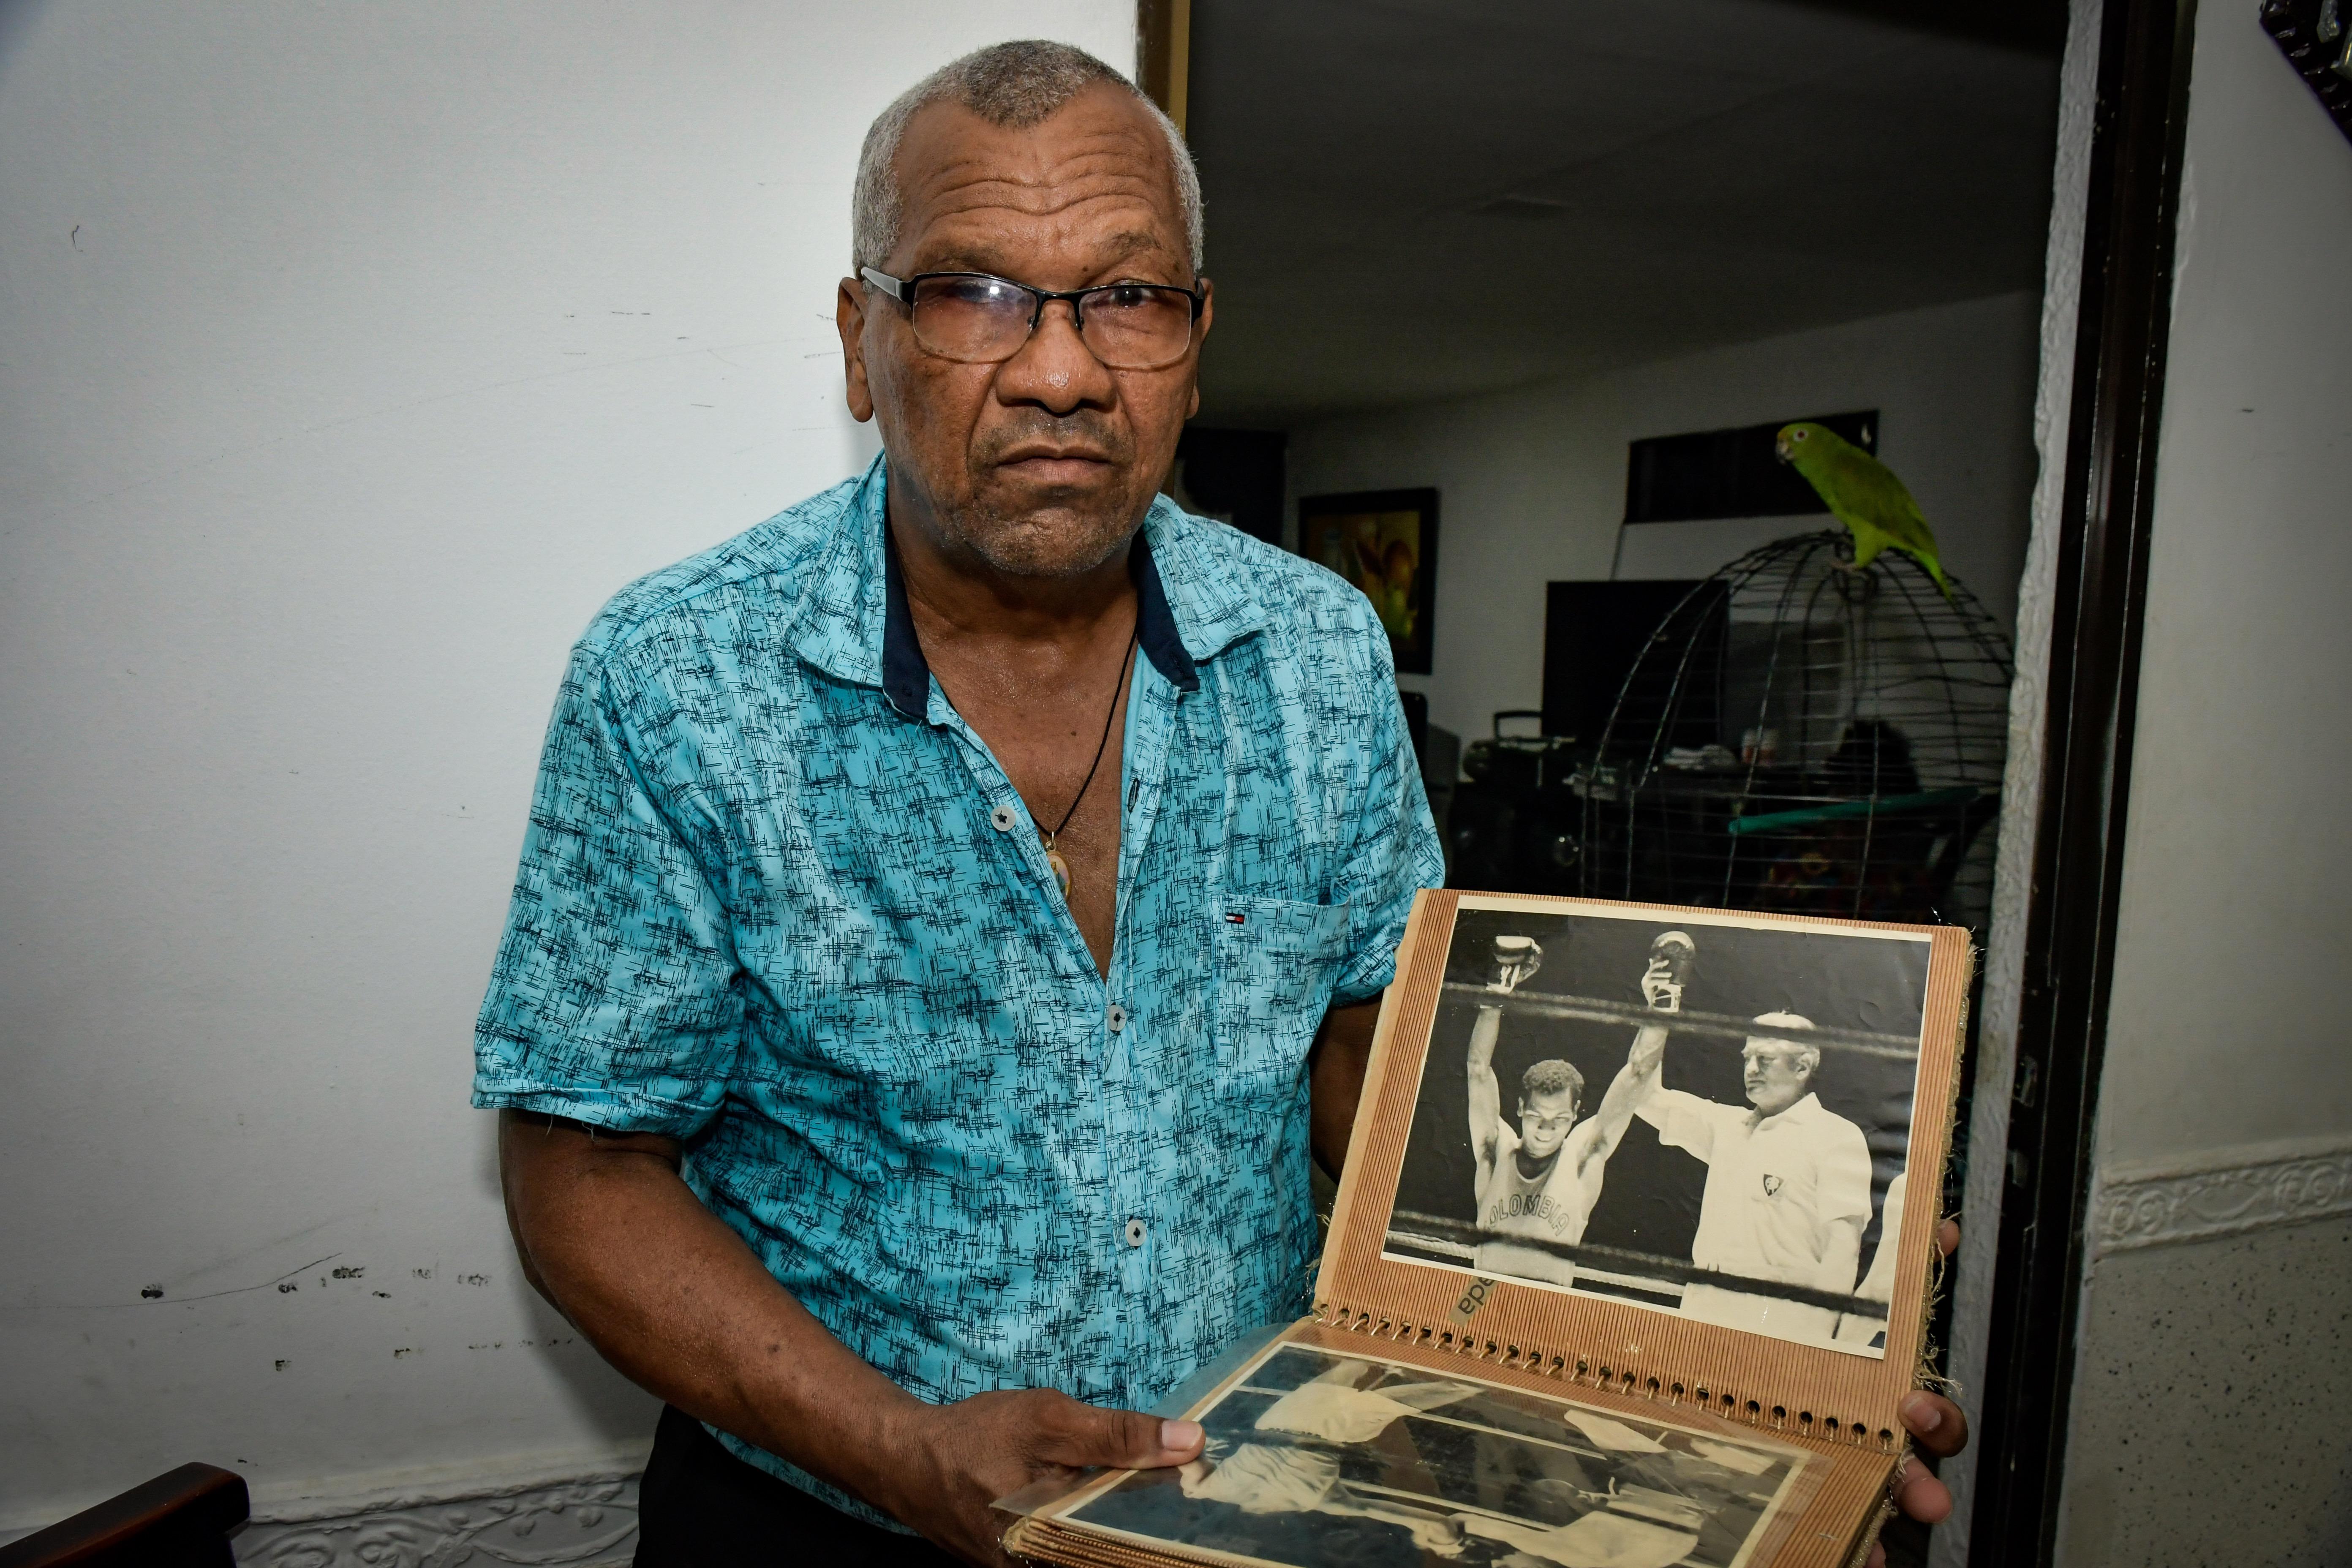 'El Policía' coleccionó todos los periódicos de su época como boxeador y hizo un álbum.